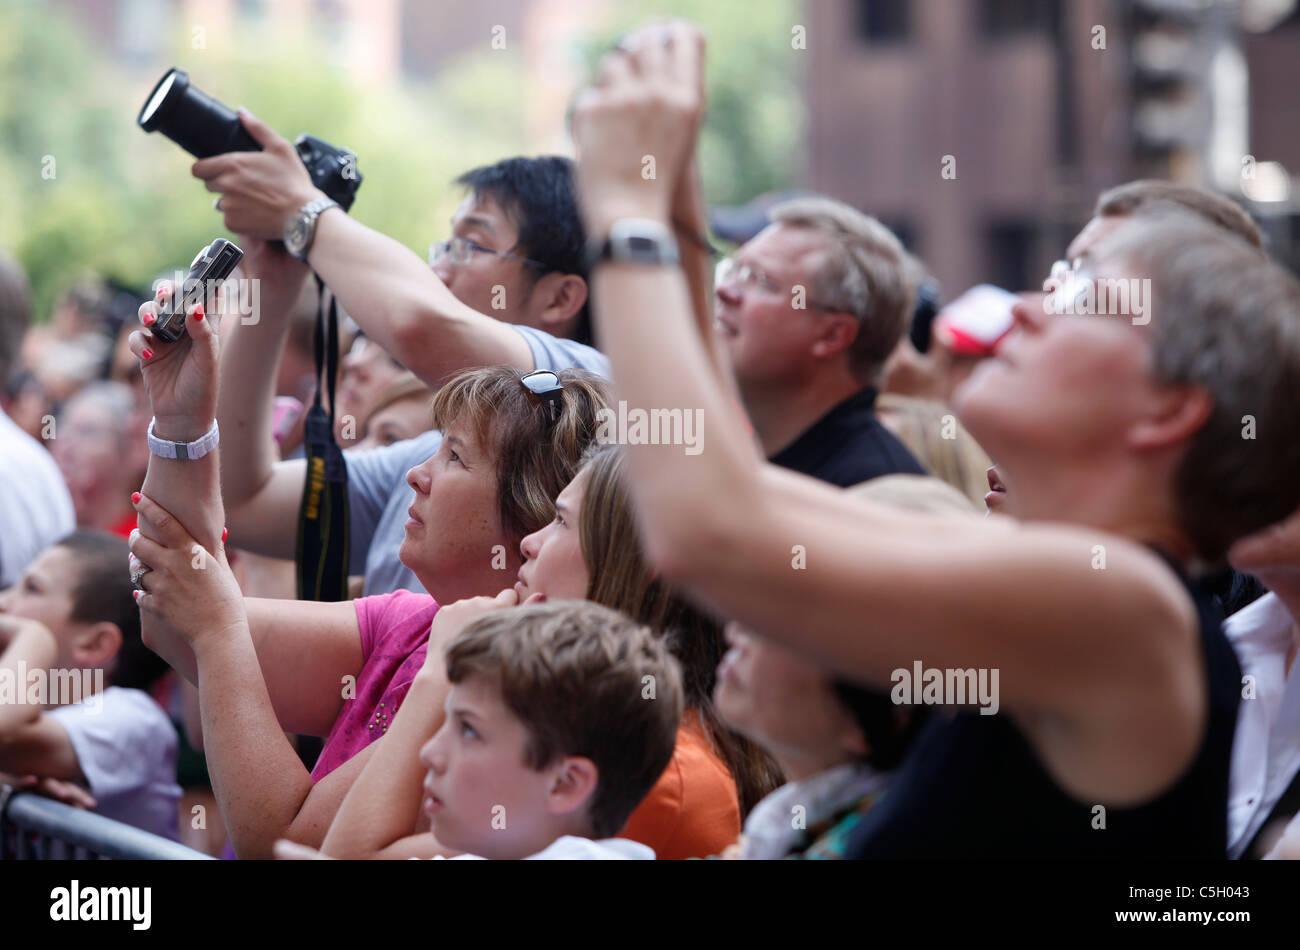 Foule de personnes prenant des photographies Photo Stock